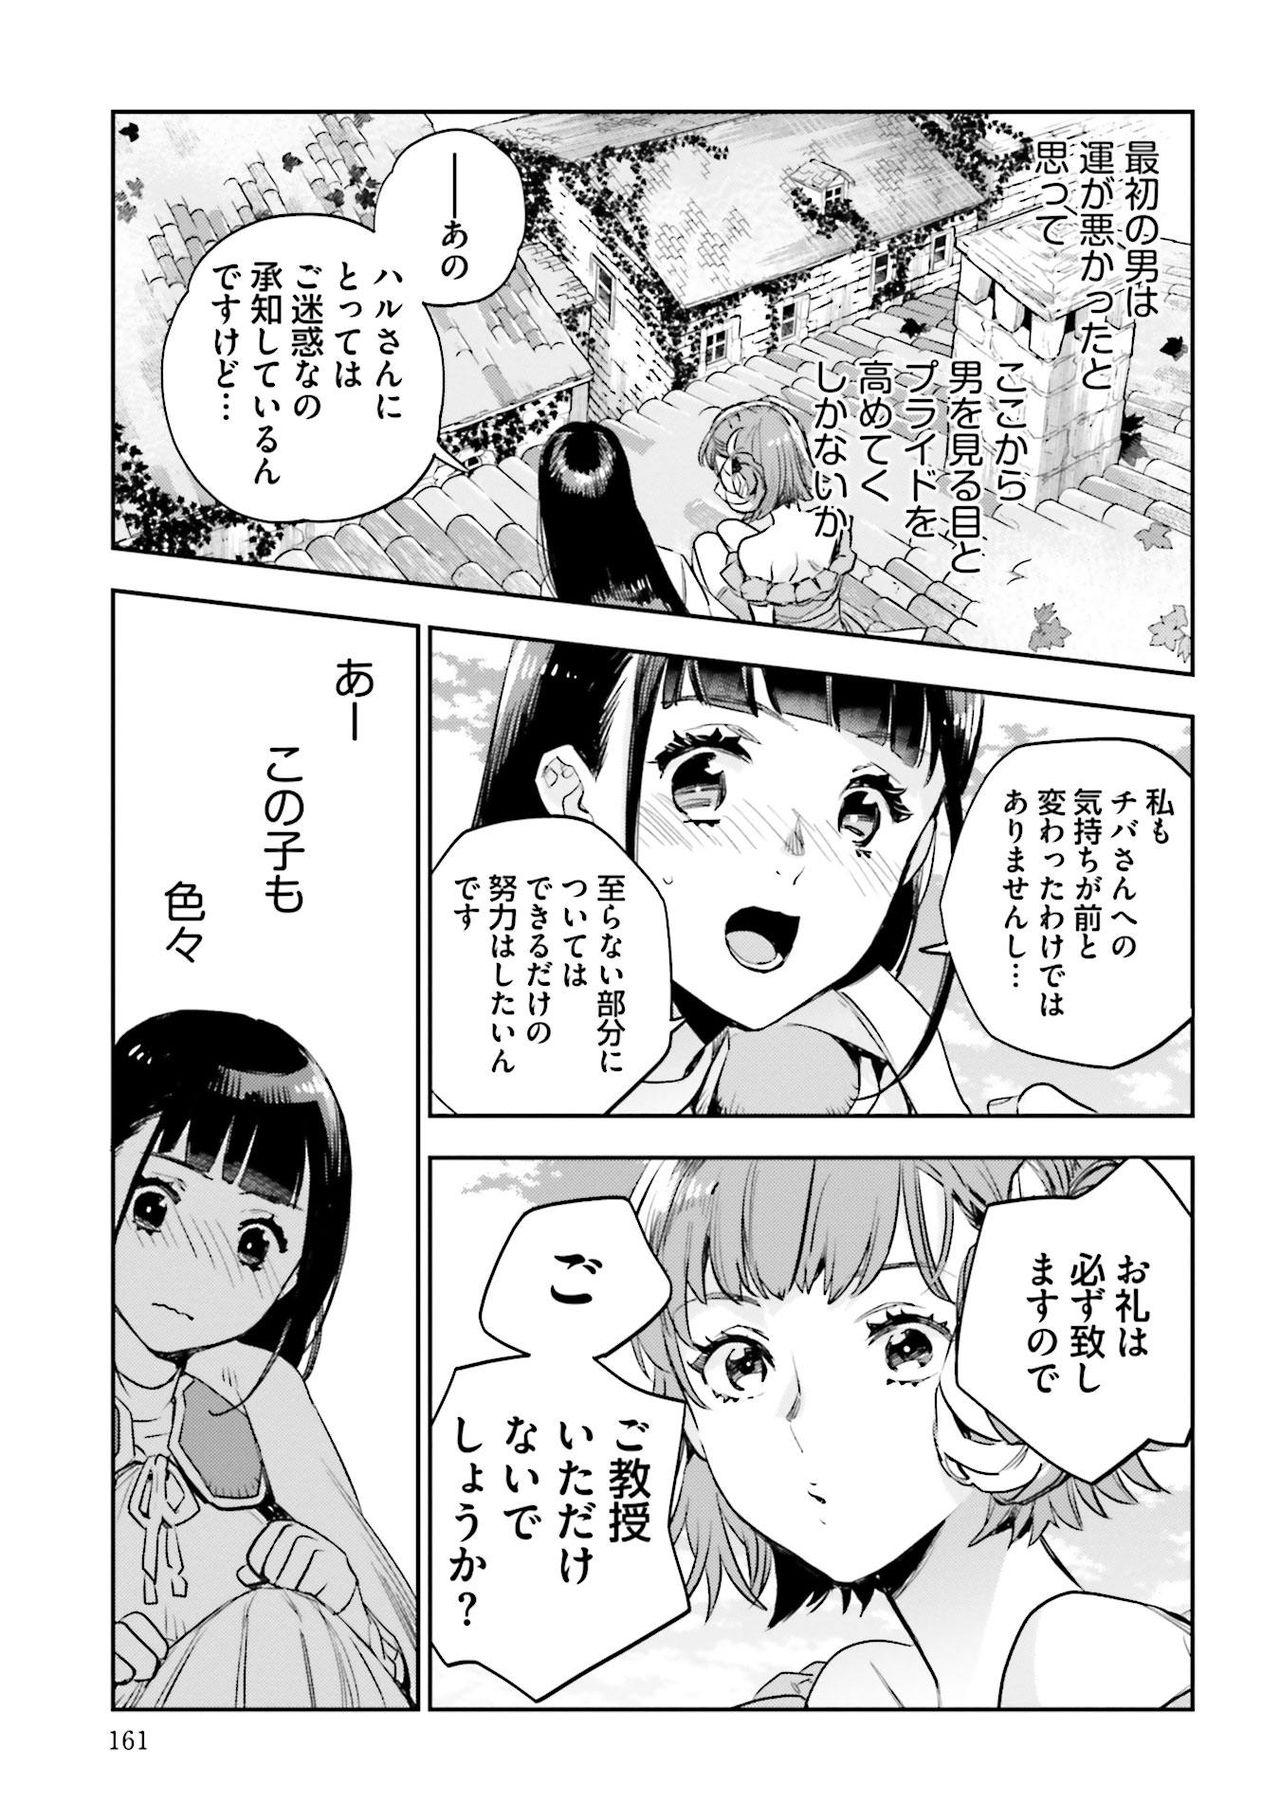 JK Haru wa Isekai de Shoufu ni Natta 1-14 520